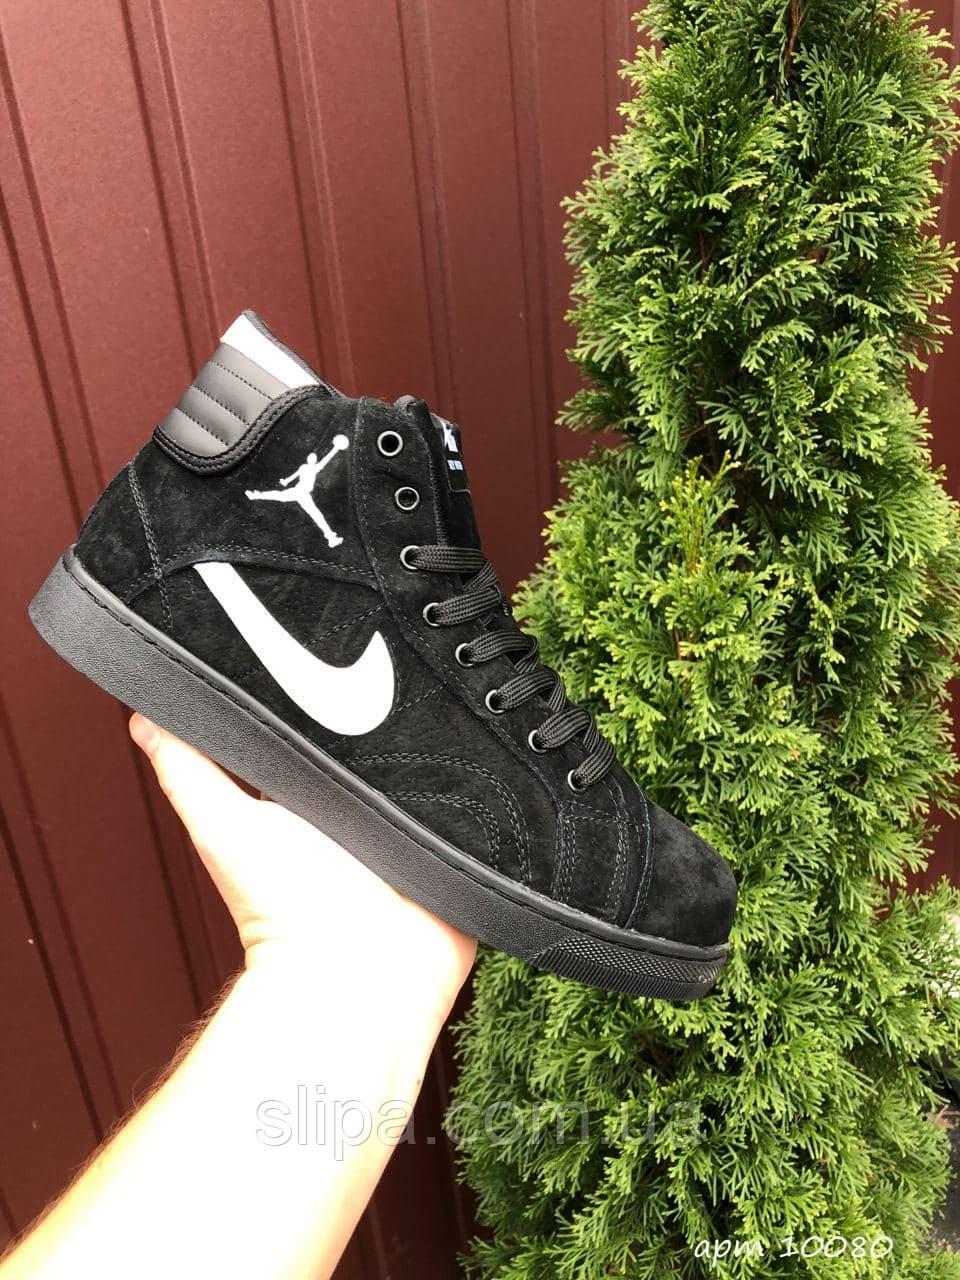 Мужские зимние замшевые кроссовки Nike Air Jordan чёрные на чёрной подошве, белое лого